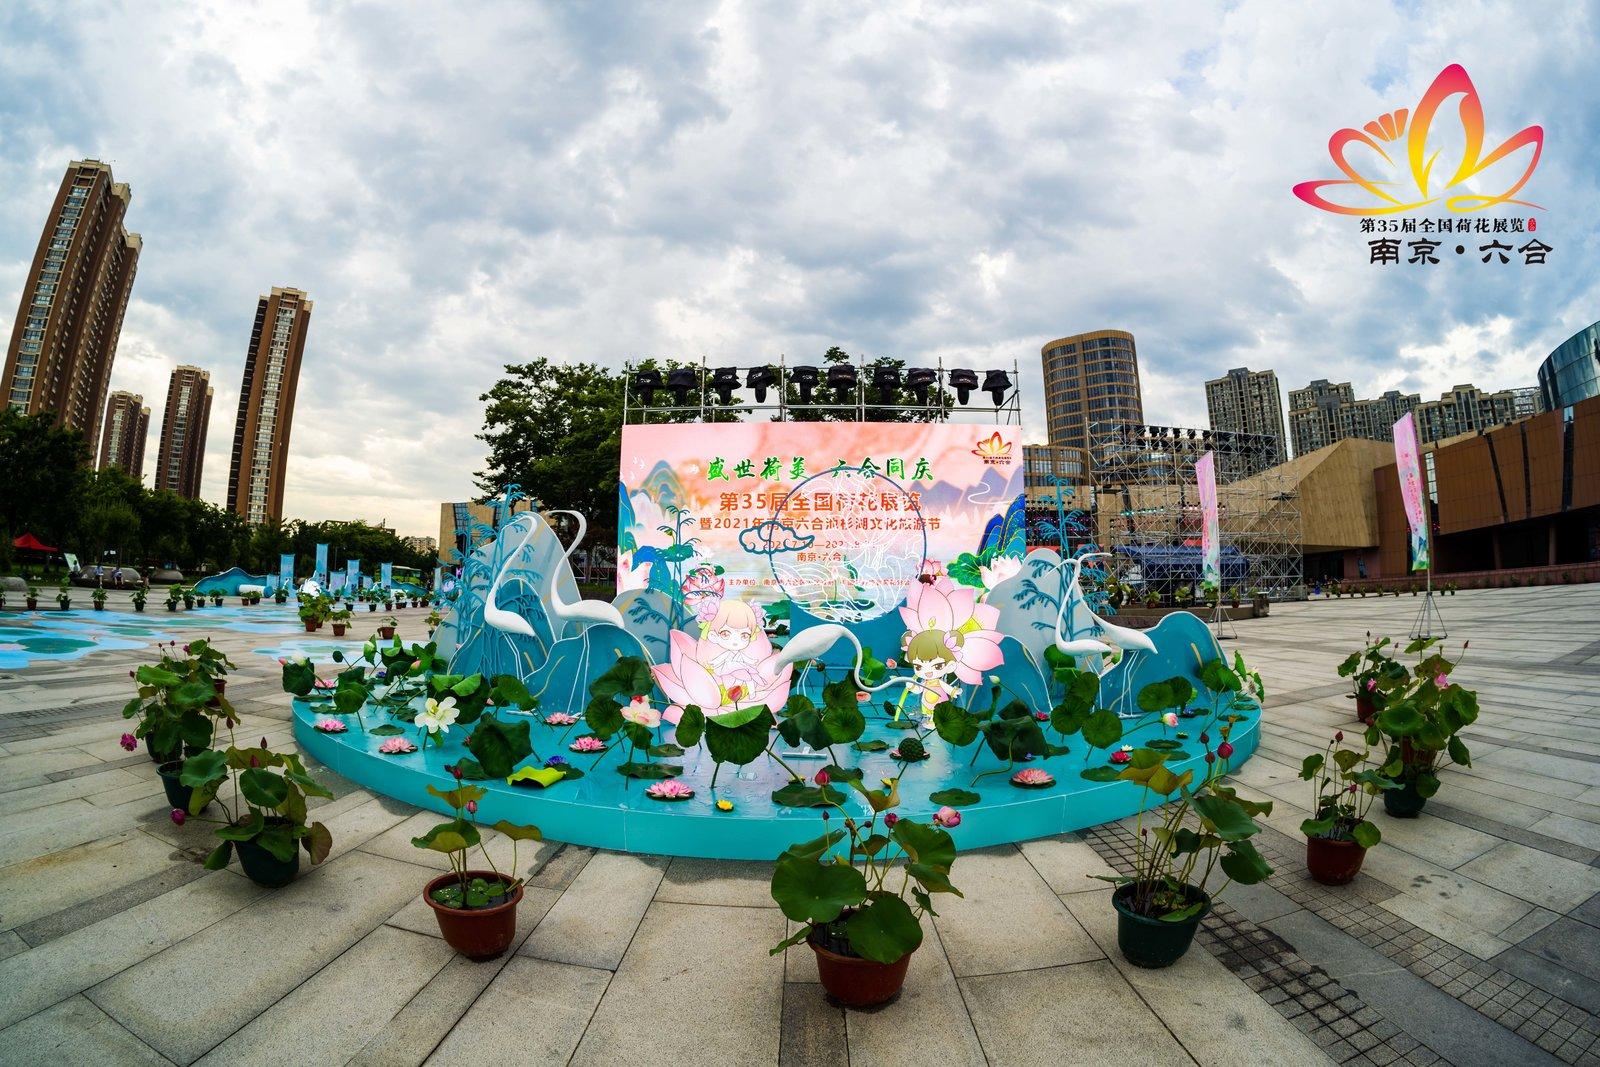 第35届全国荷花展览在六合盛大开幕